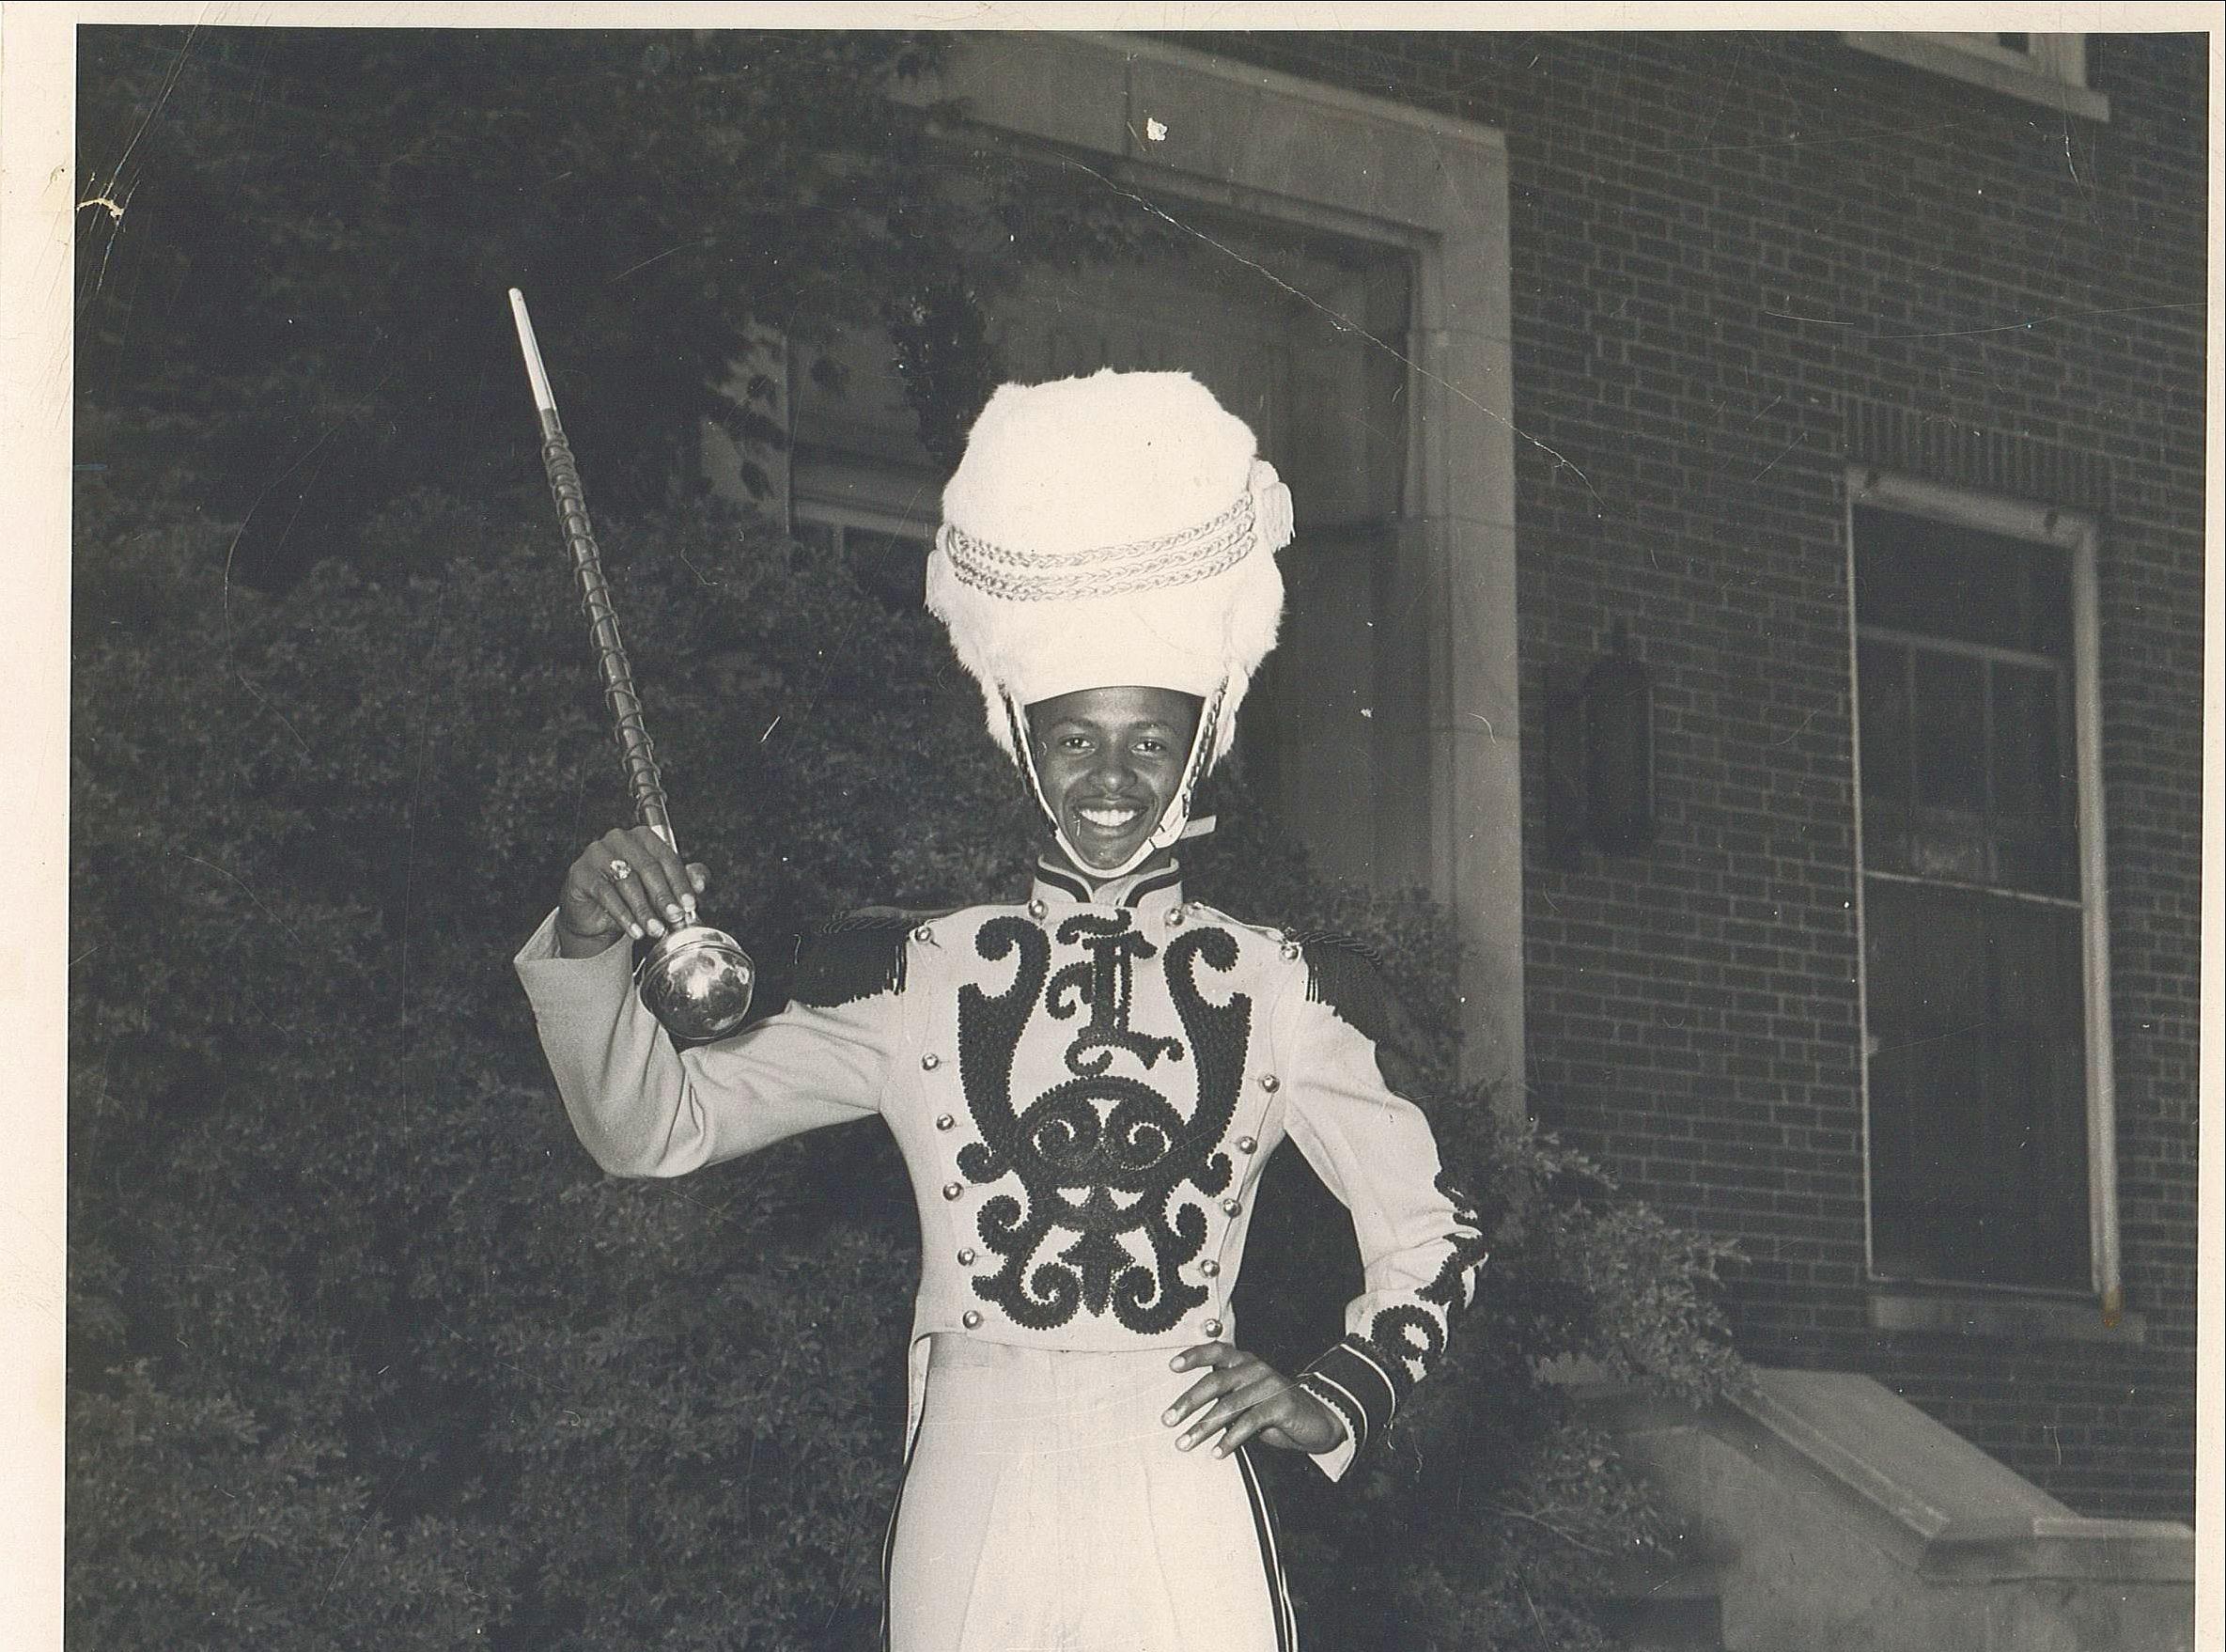 Homer Boyd in his band uniform.